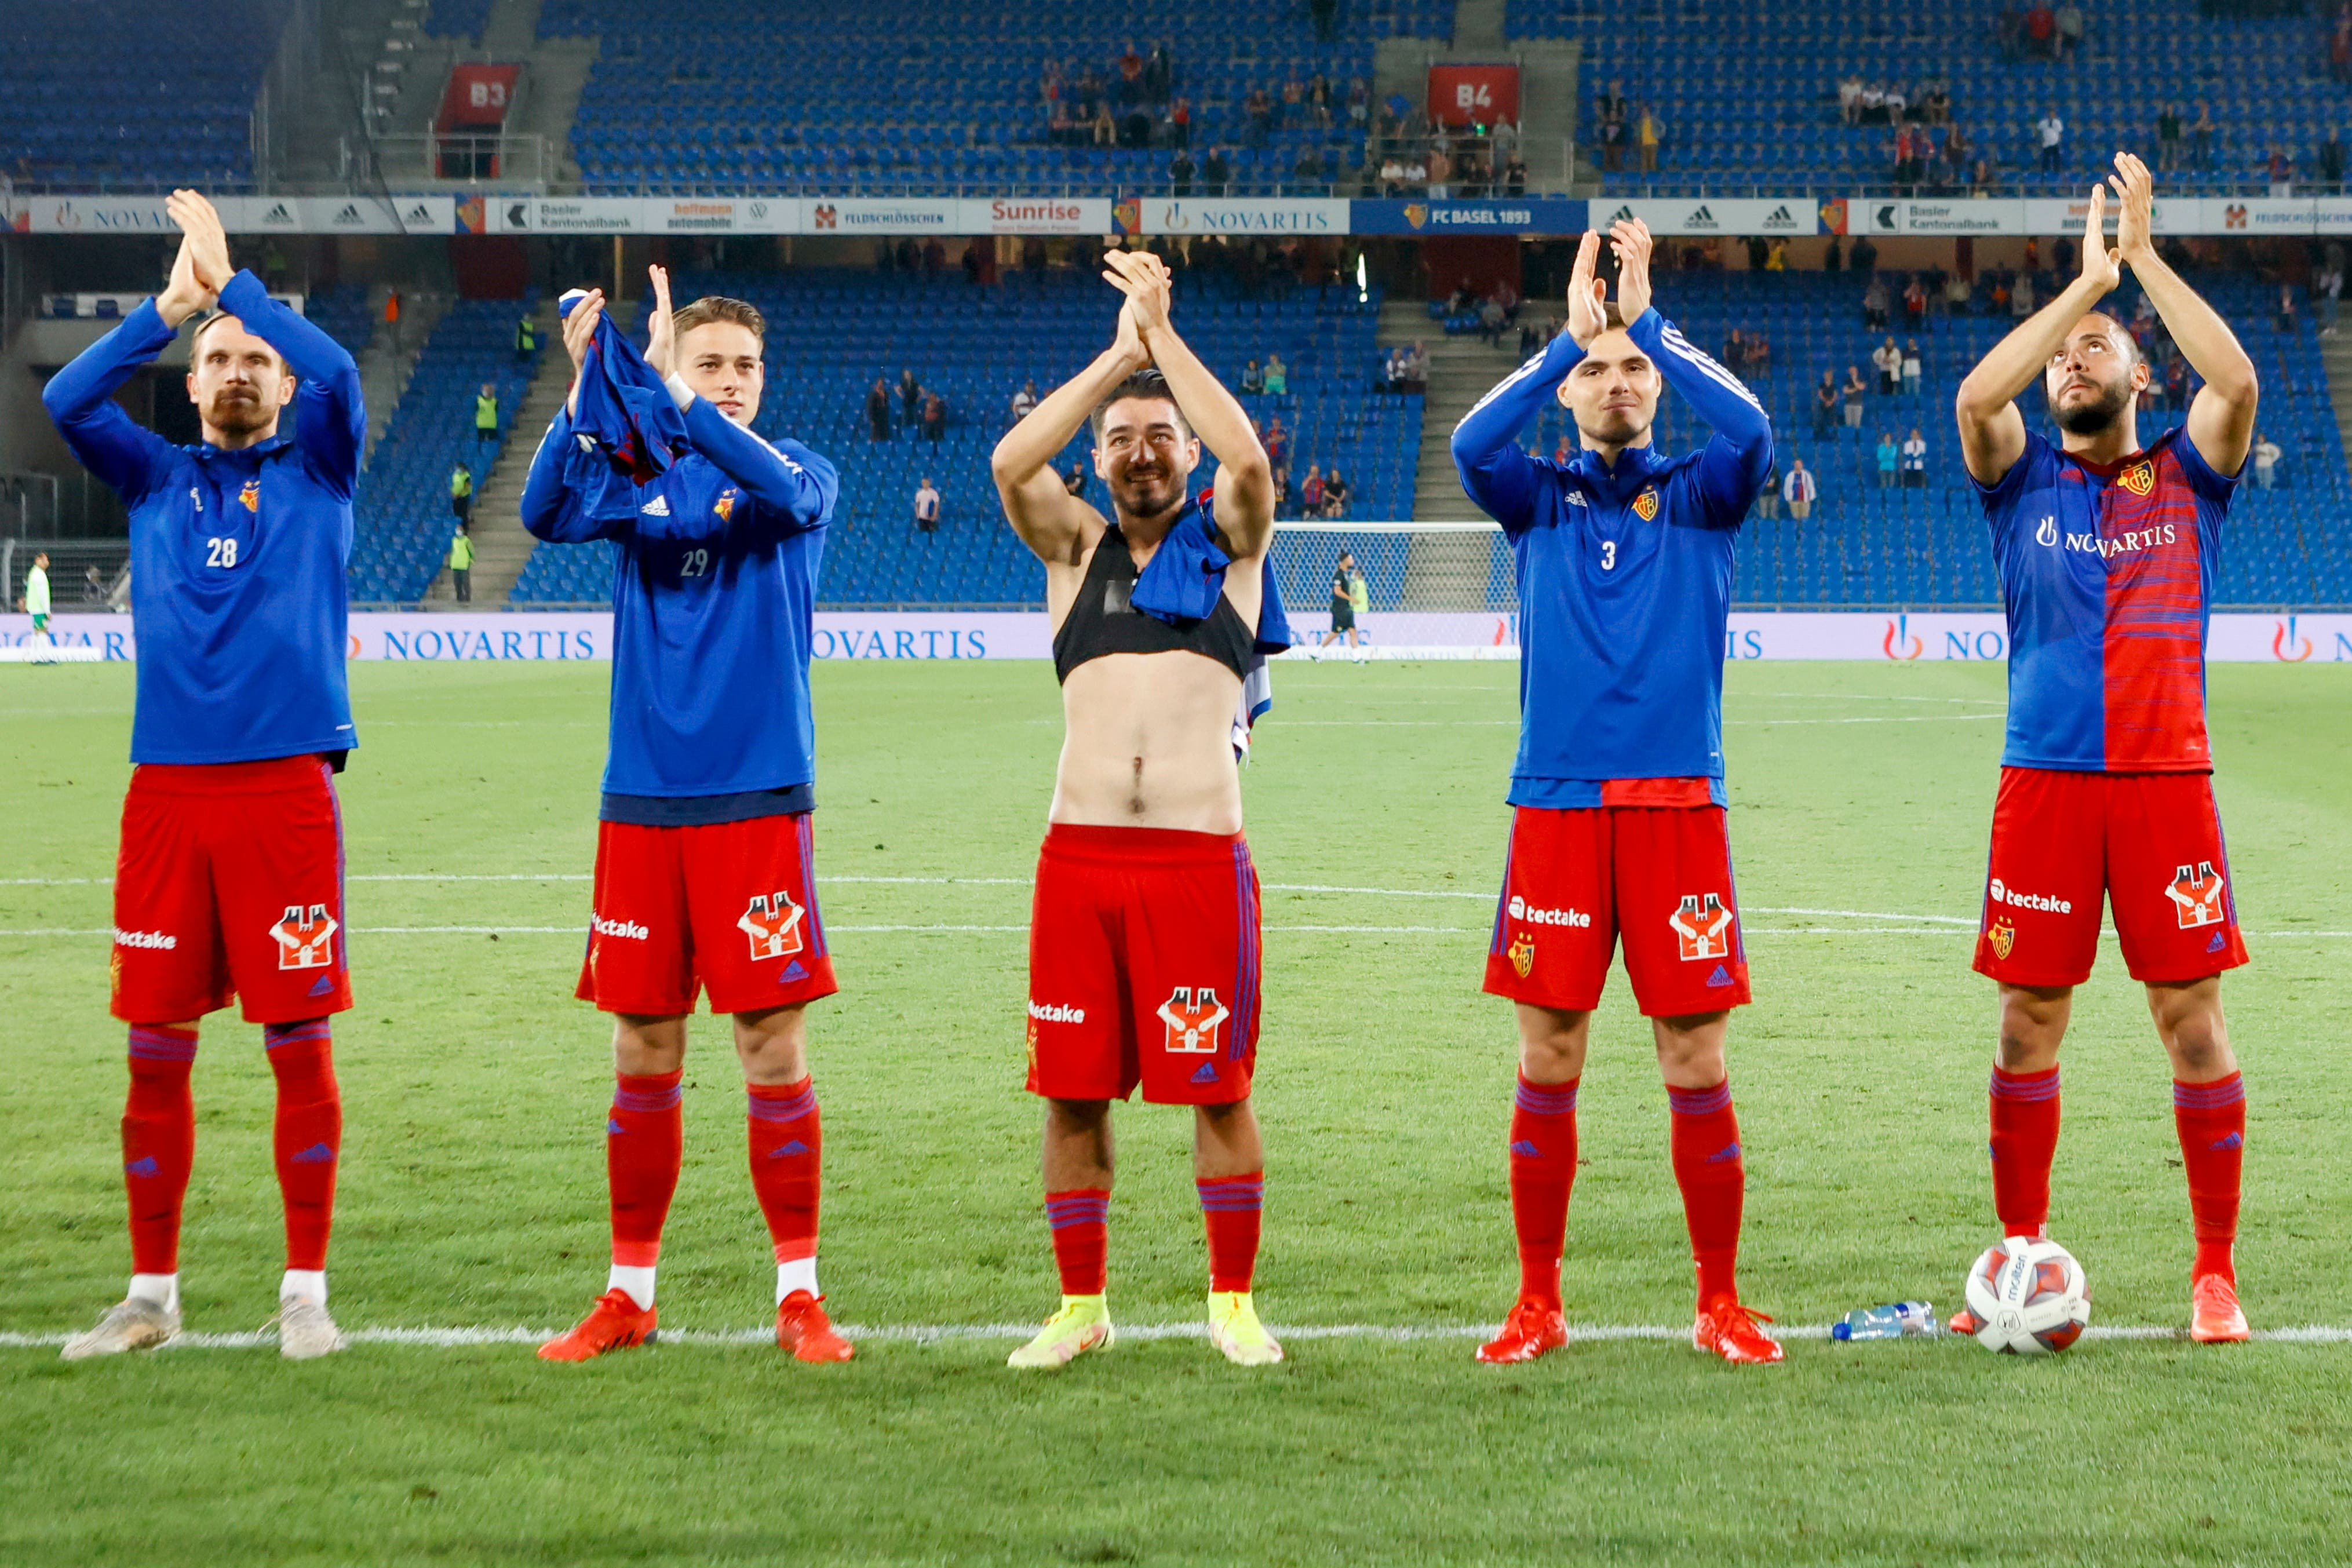 Nach dem Hinspiel konnte der FCB jubeln. Um sich für Europa zu qualifizieren braucht es aber auch noch ein gutes Resultat im Rückspiel.